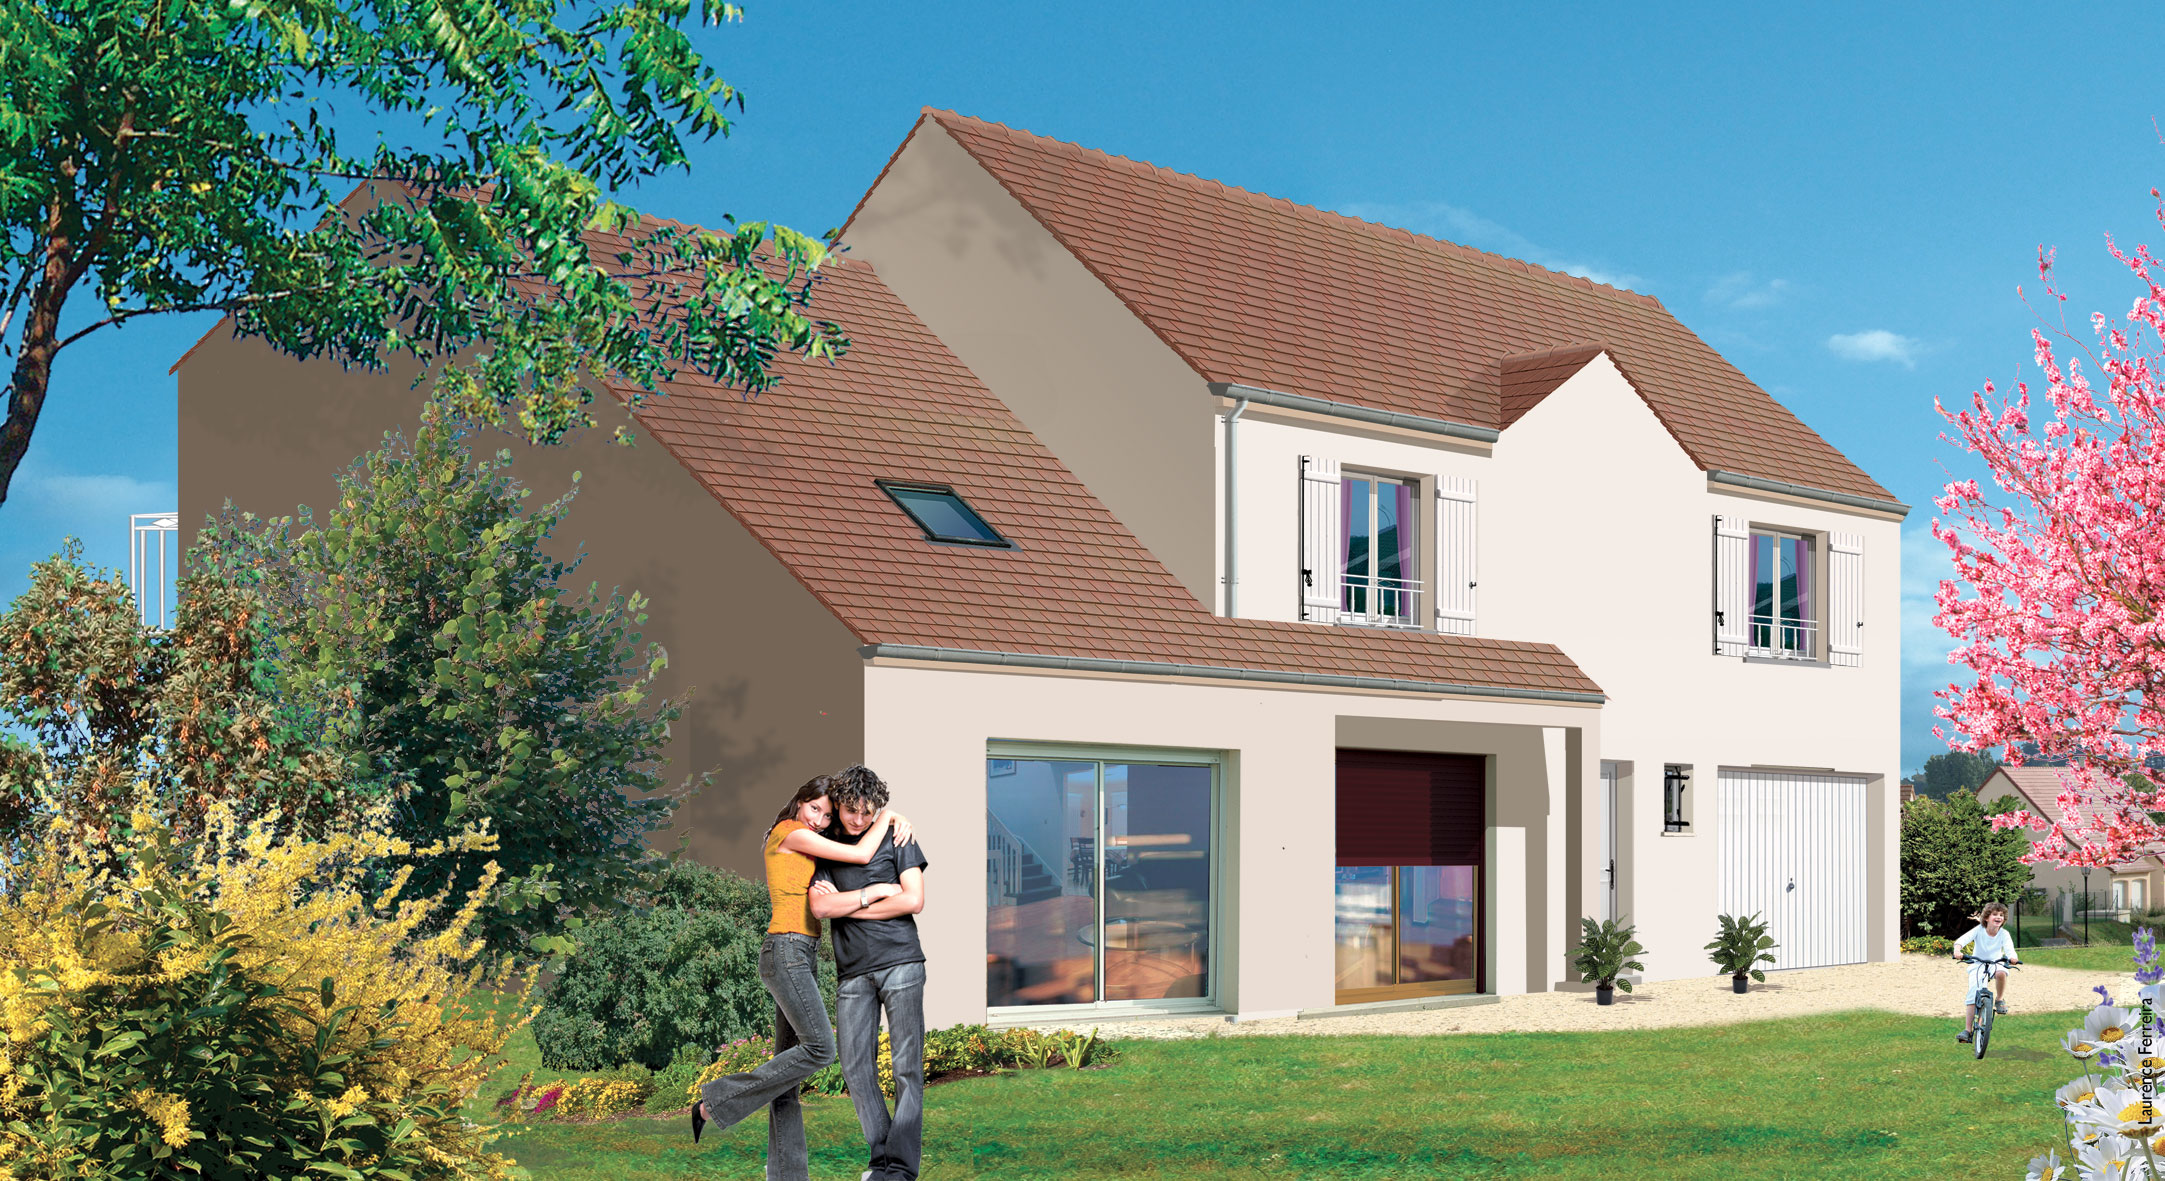 Construire une maison ecologique pas cher great bio with for Modele de maison a construire pas cher